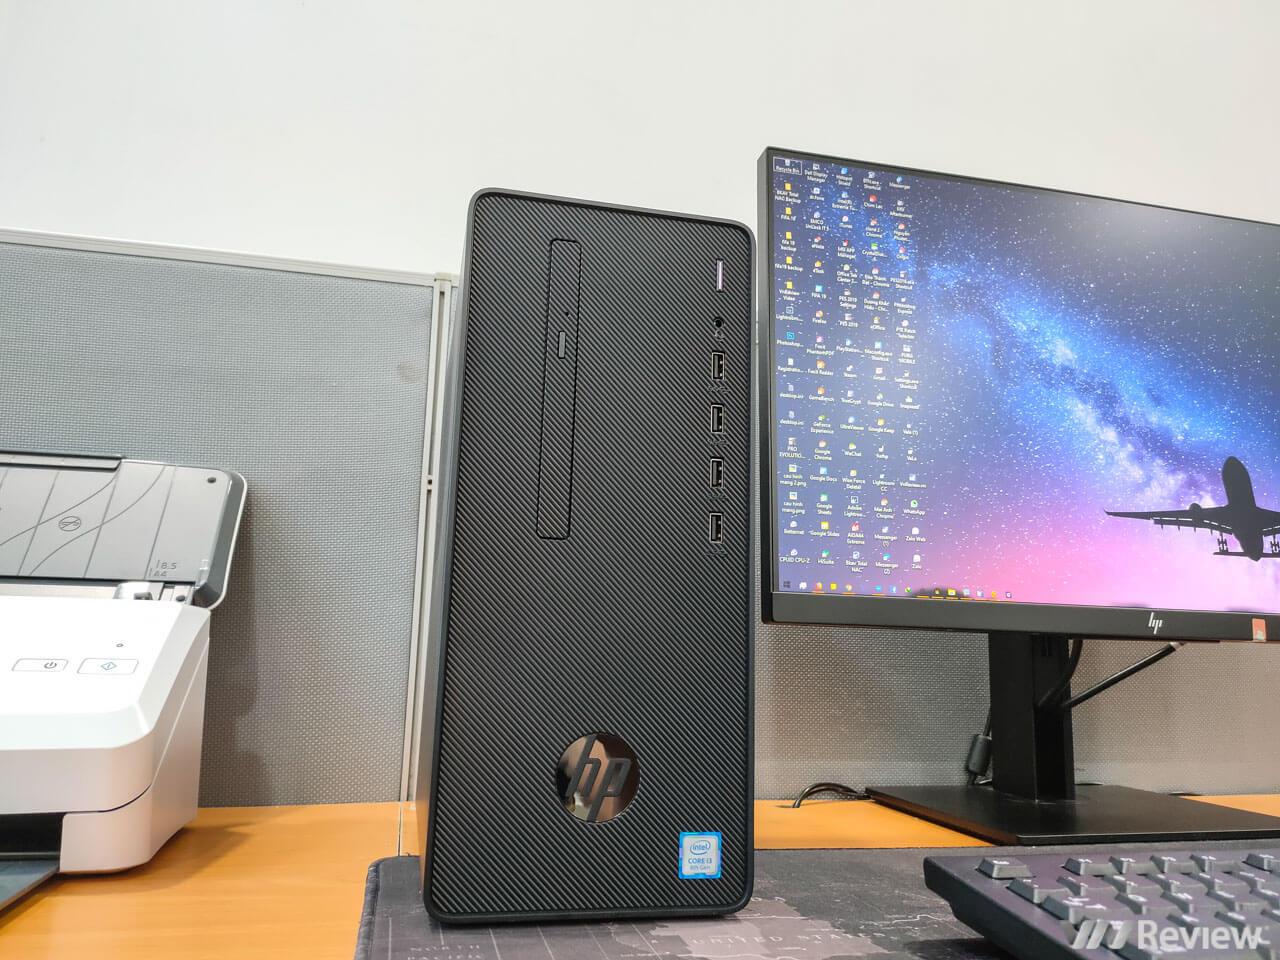 So sánh máy tính để bàn Dell và HP